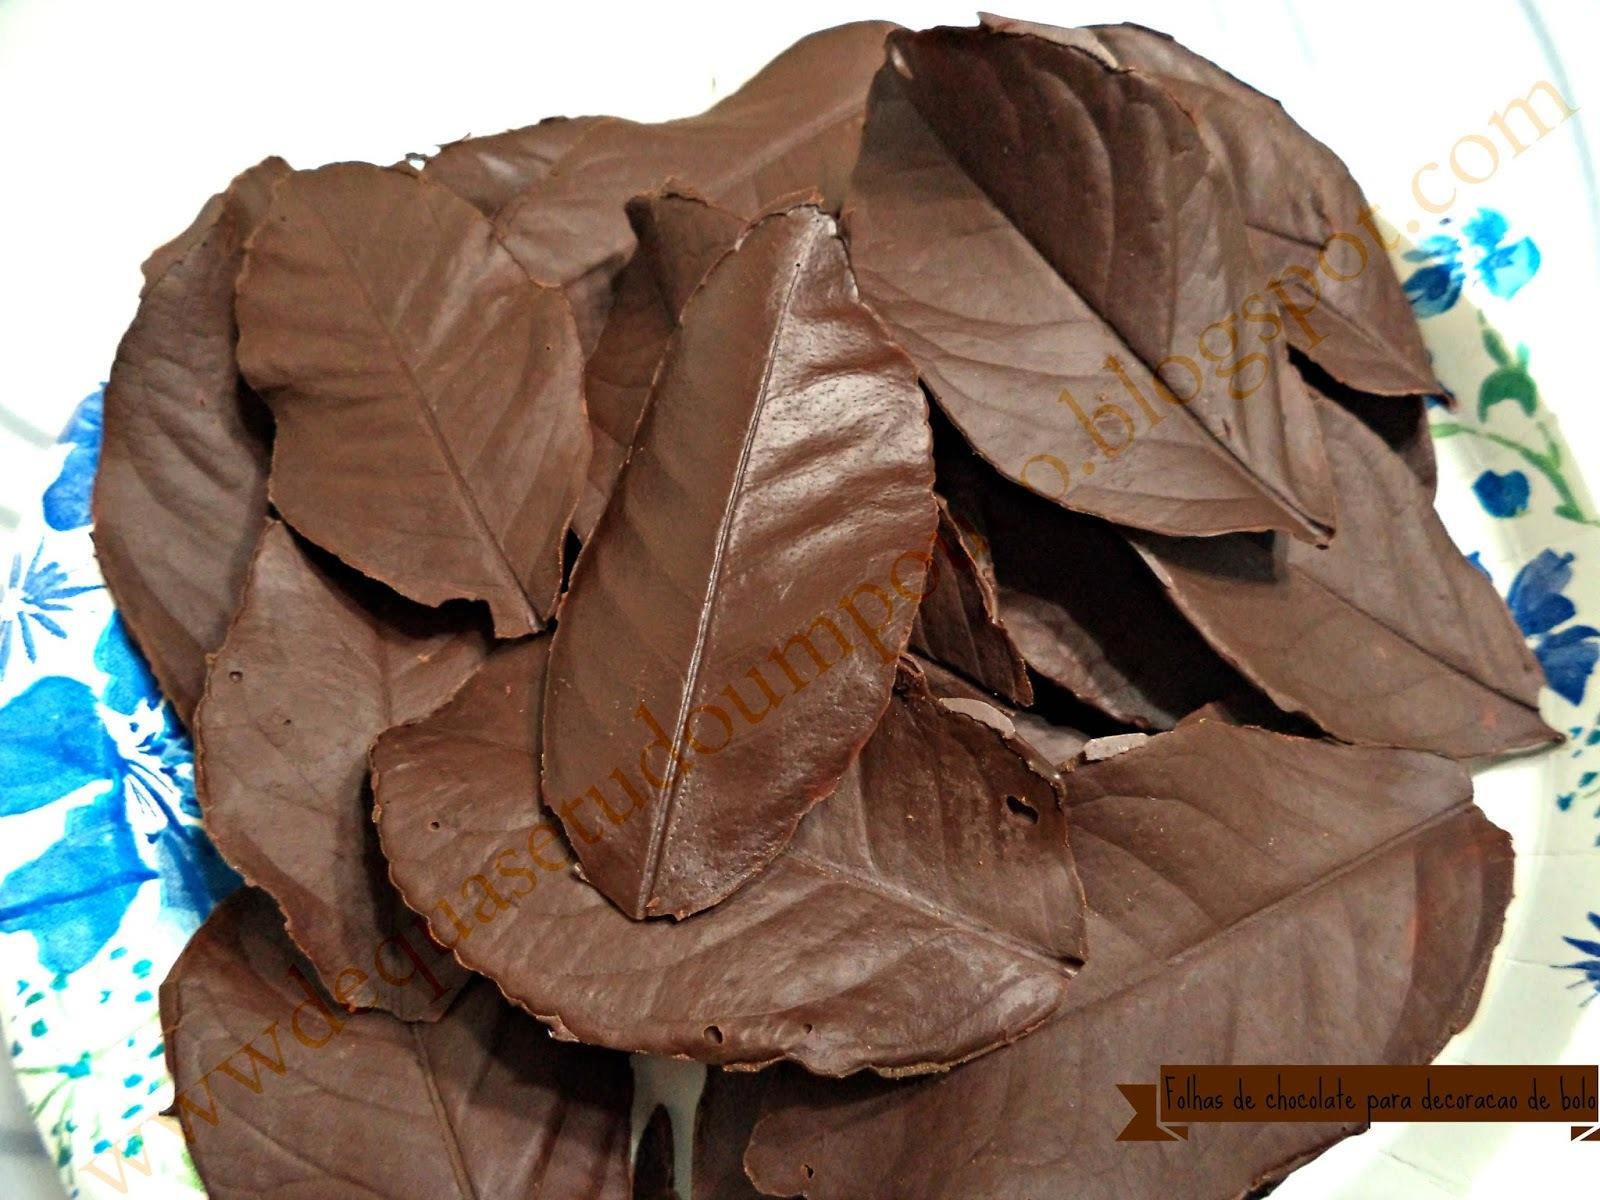 Folhas de chocolate para decoracao de bolo